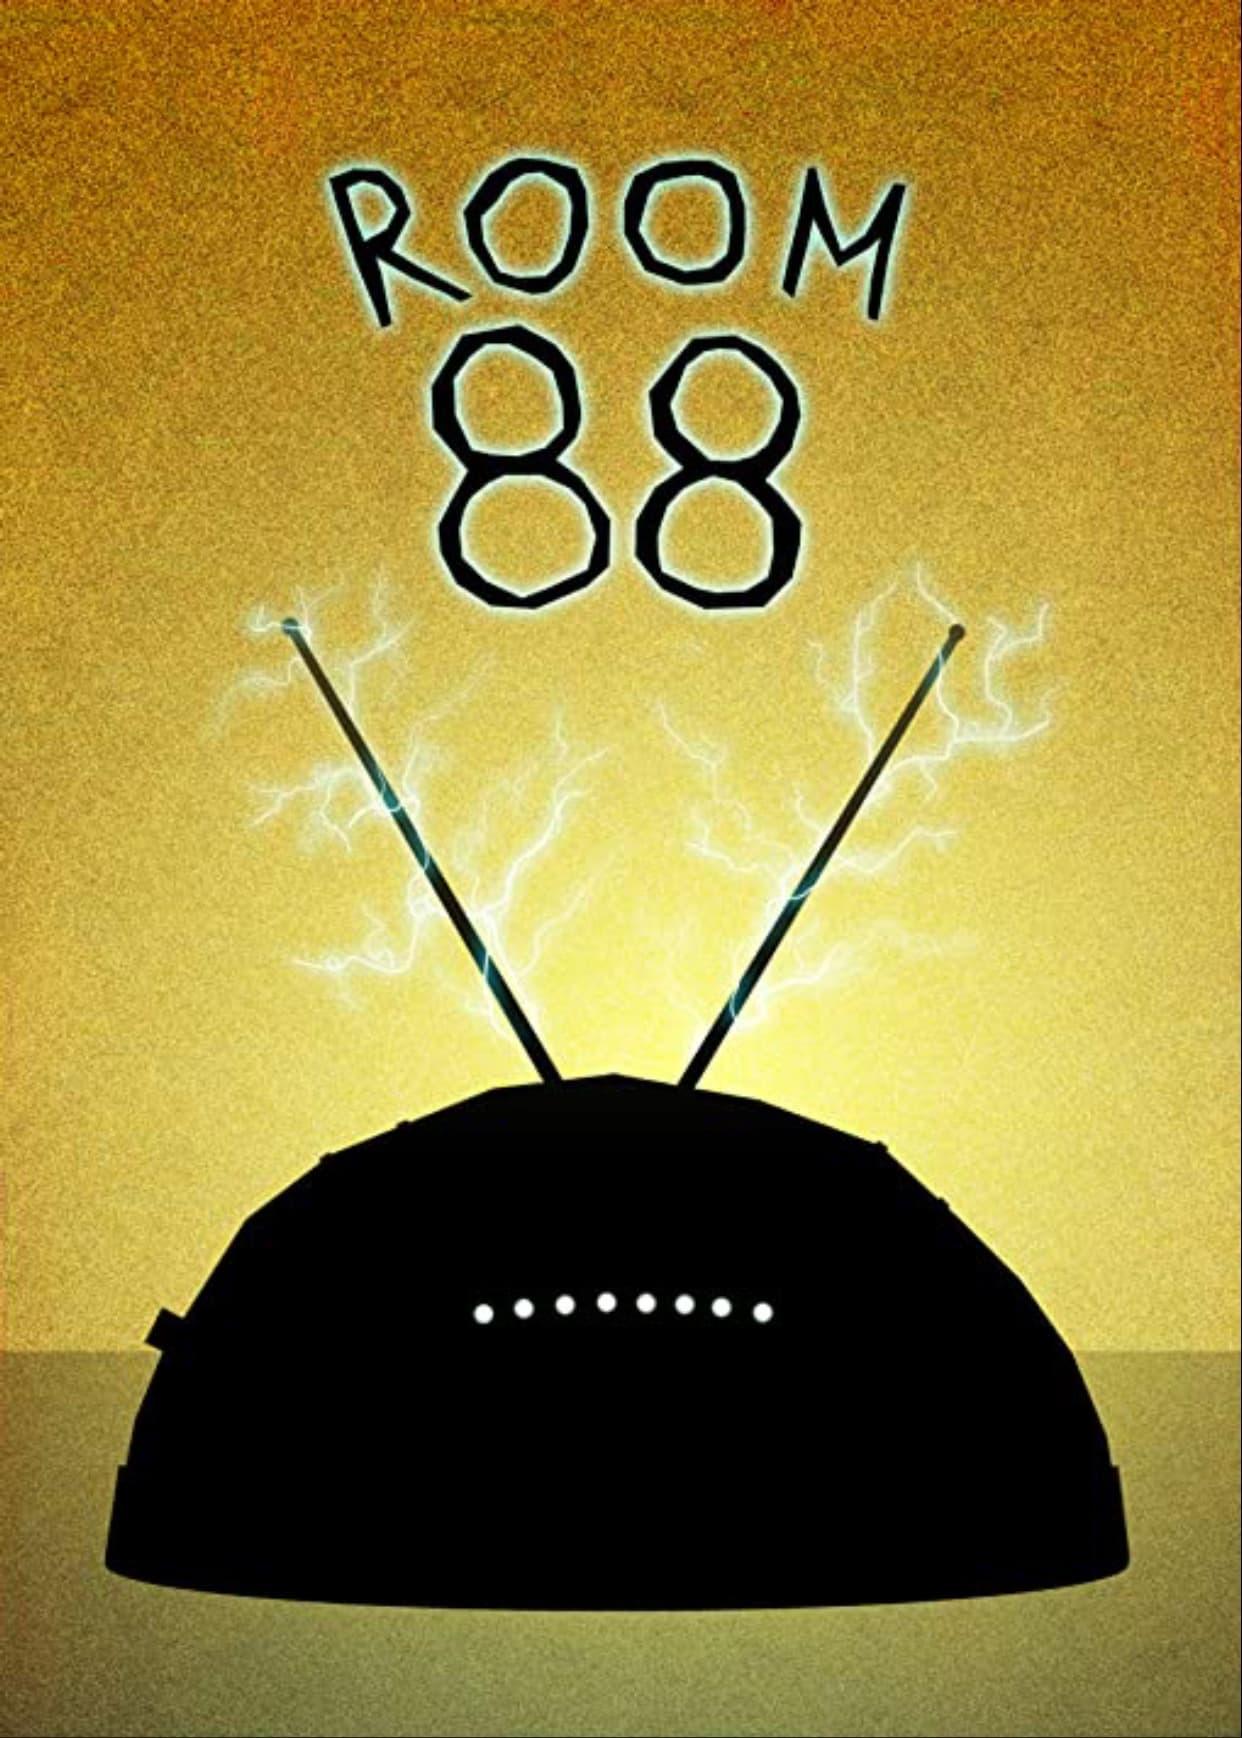 Room 88